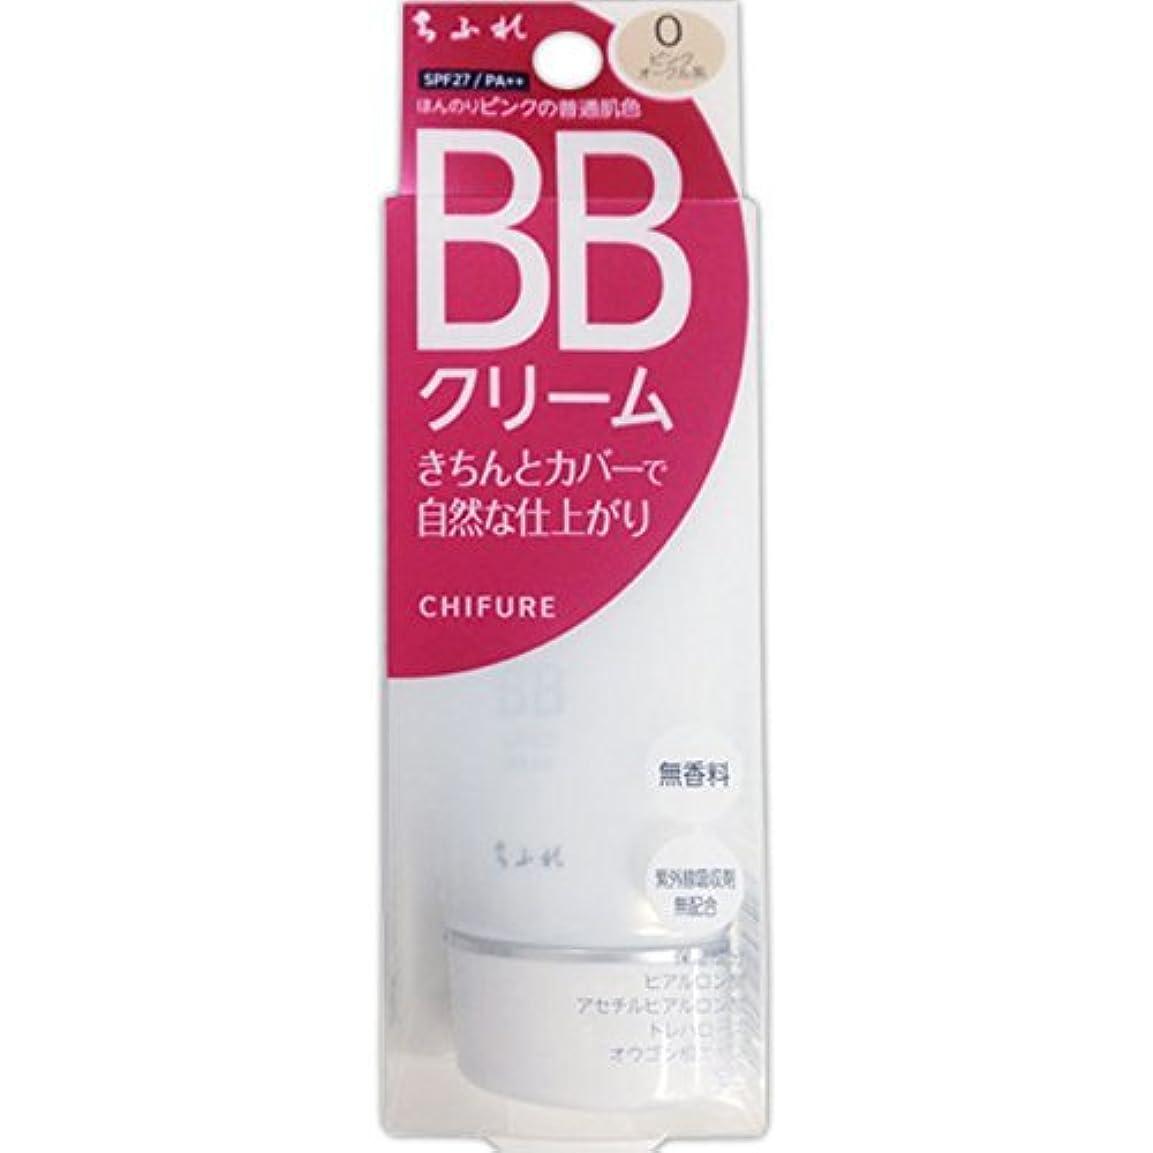 エラーファウル予想外ちふれ化粧品 BB クリーム ほんのりピンクの普通肌色 0